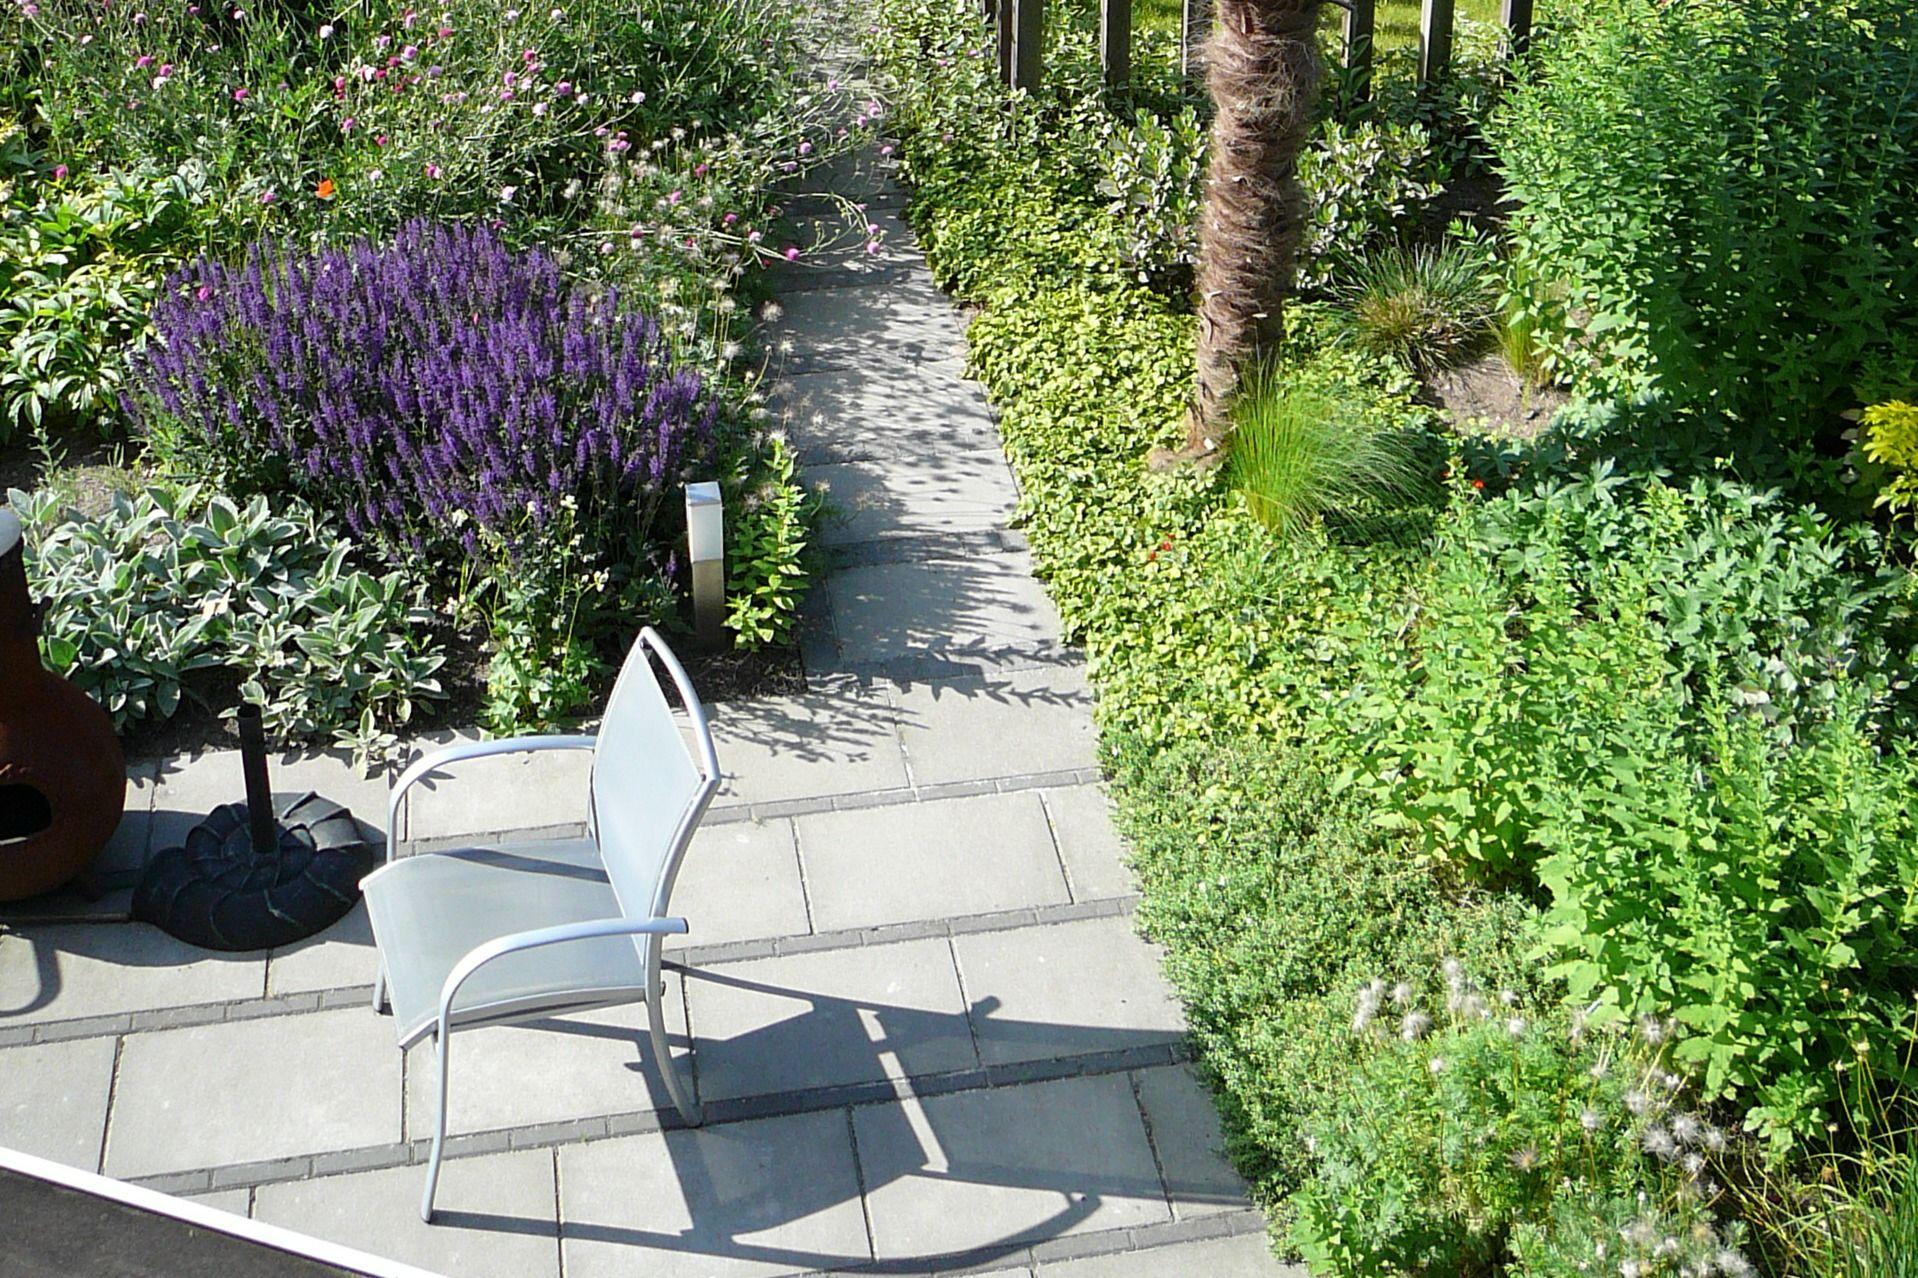 Tuin Bestraten Goedkoop : Tuintegels kopen hoeft niet meer zelf goedkope sierbestrating